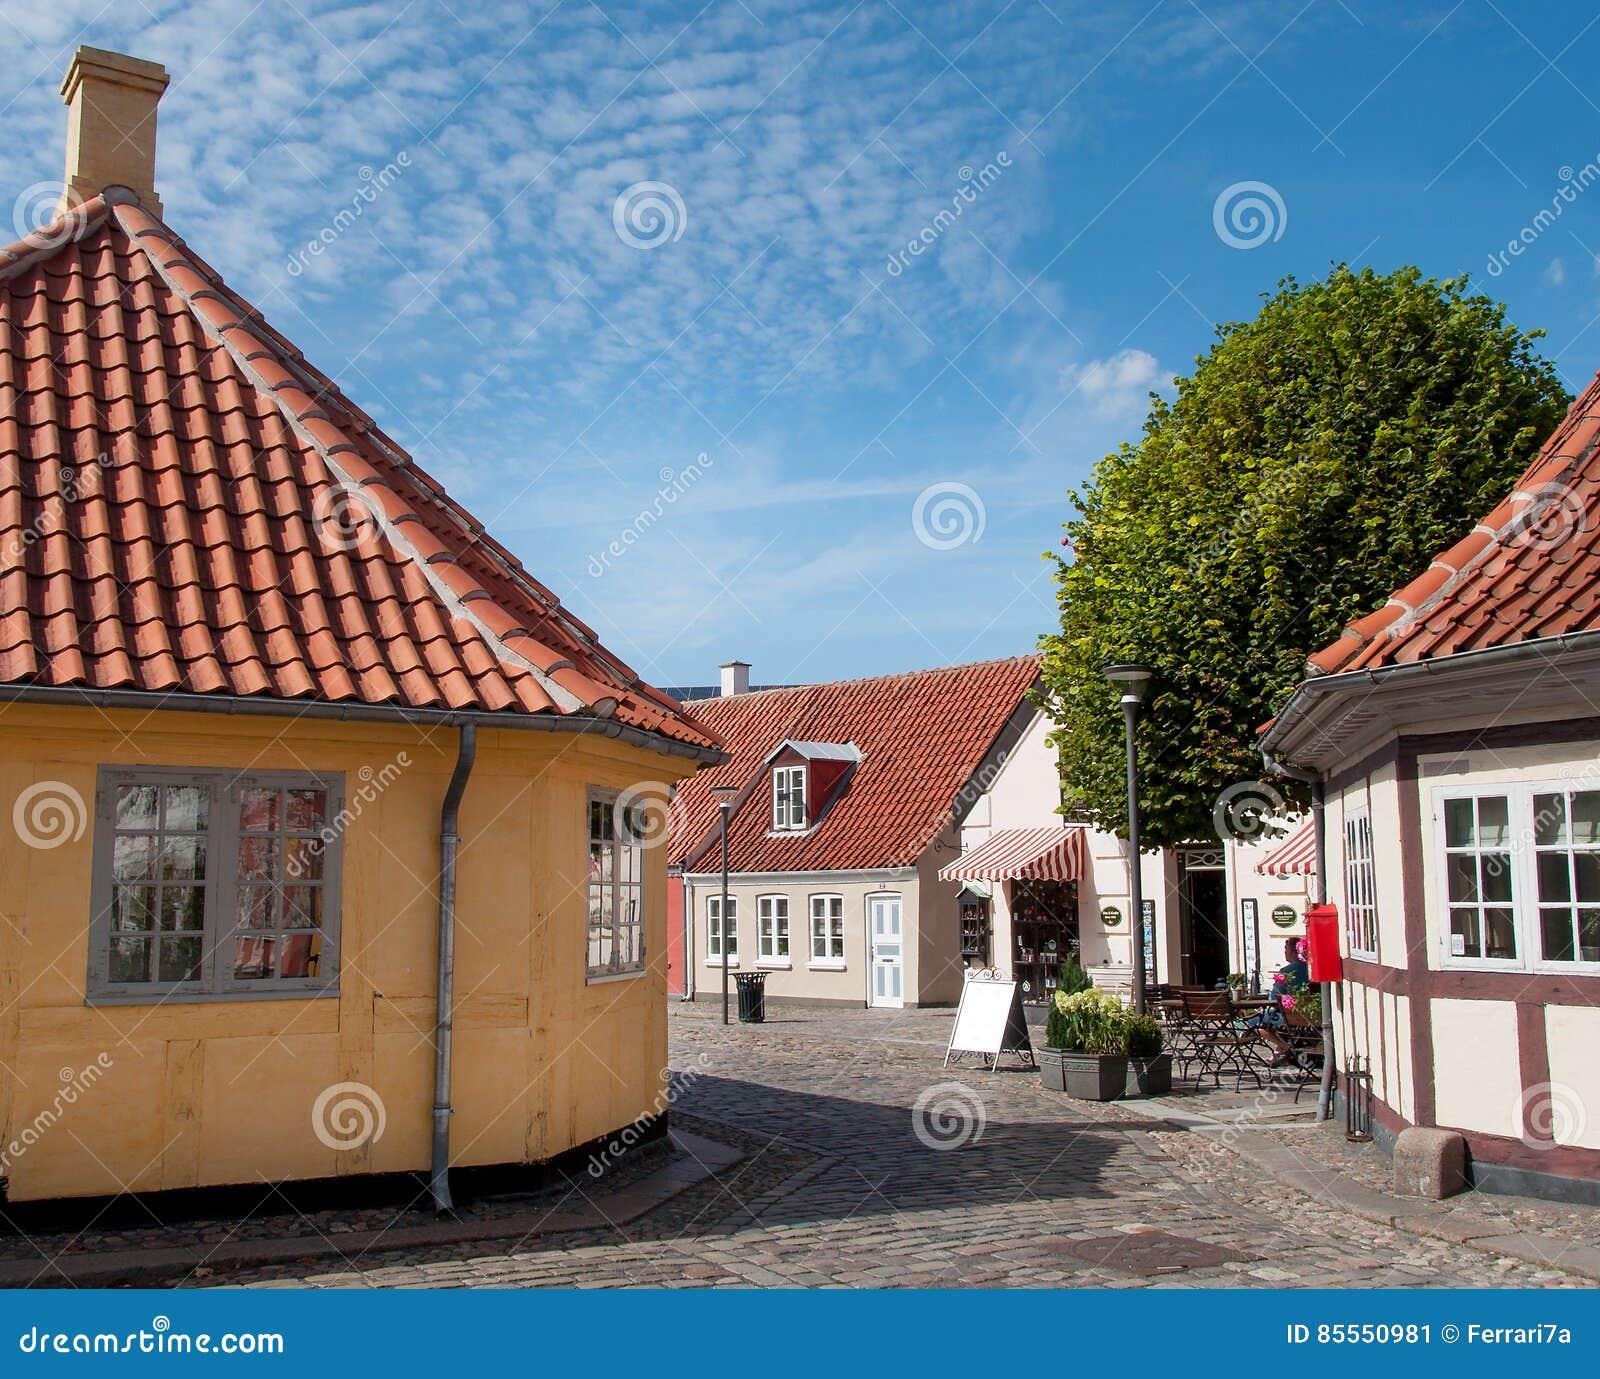 H C Andersen-Haus